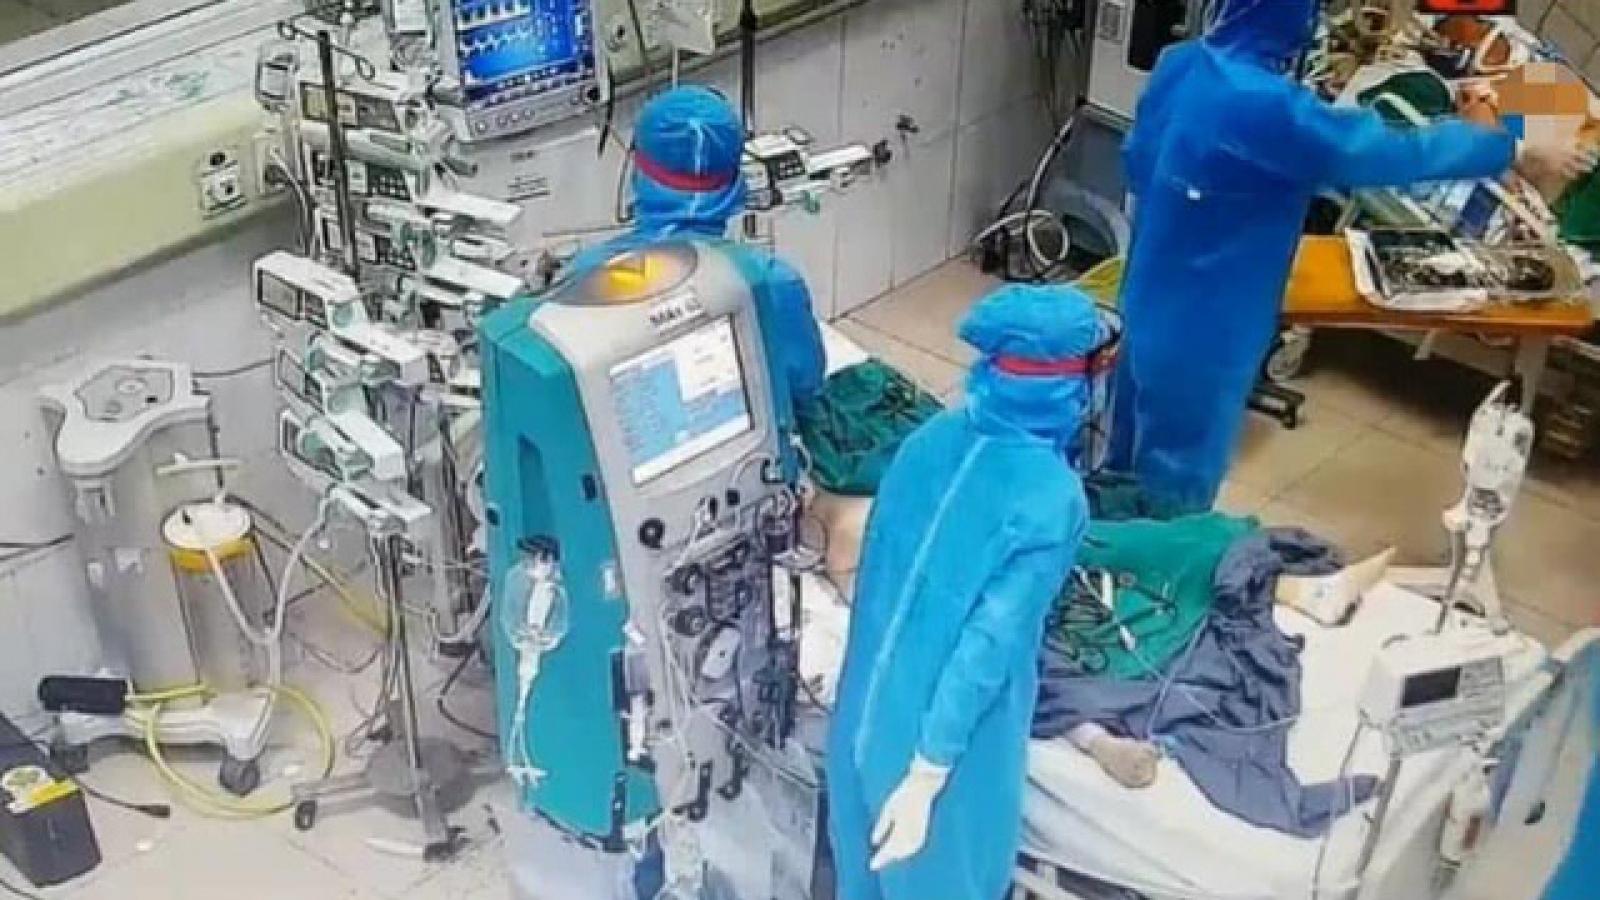 TP.HCM thêm 2 ca mắc Covid-19 tử vong, đều là người cao tuổi và có bệnh nền